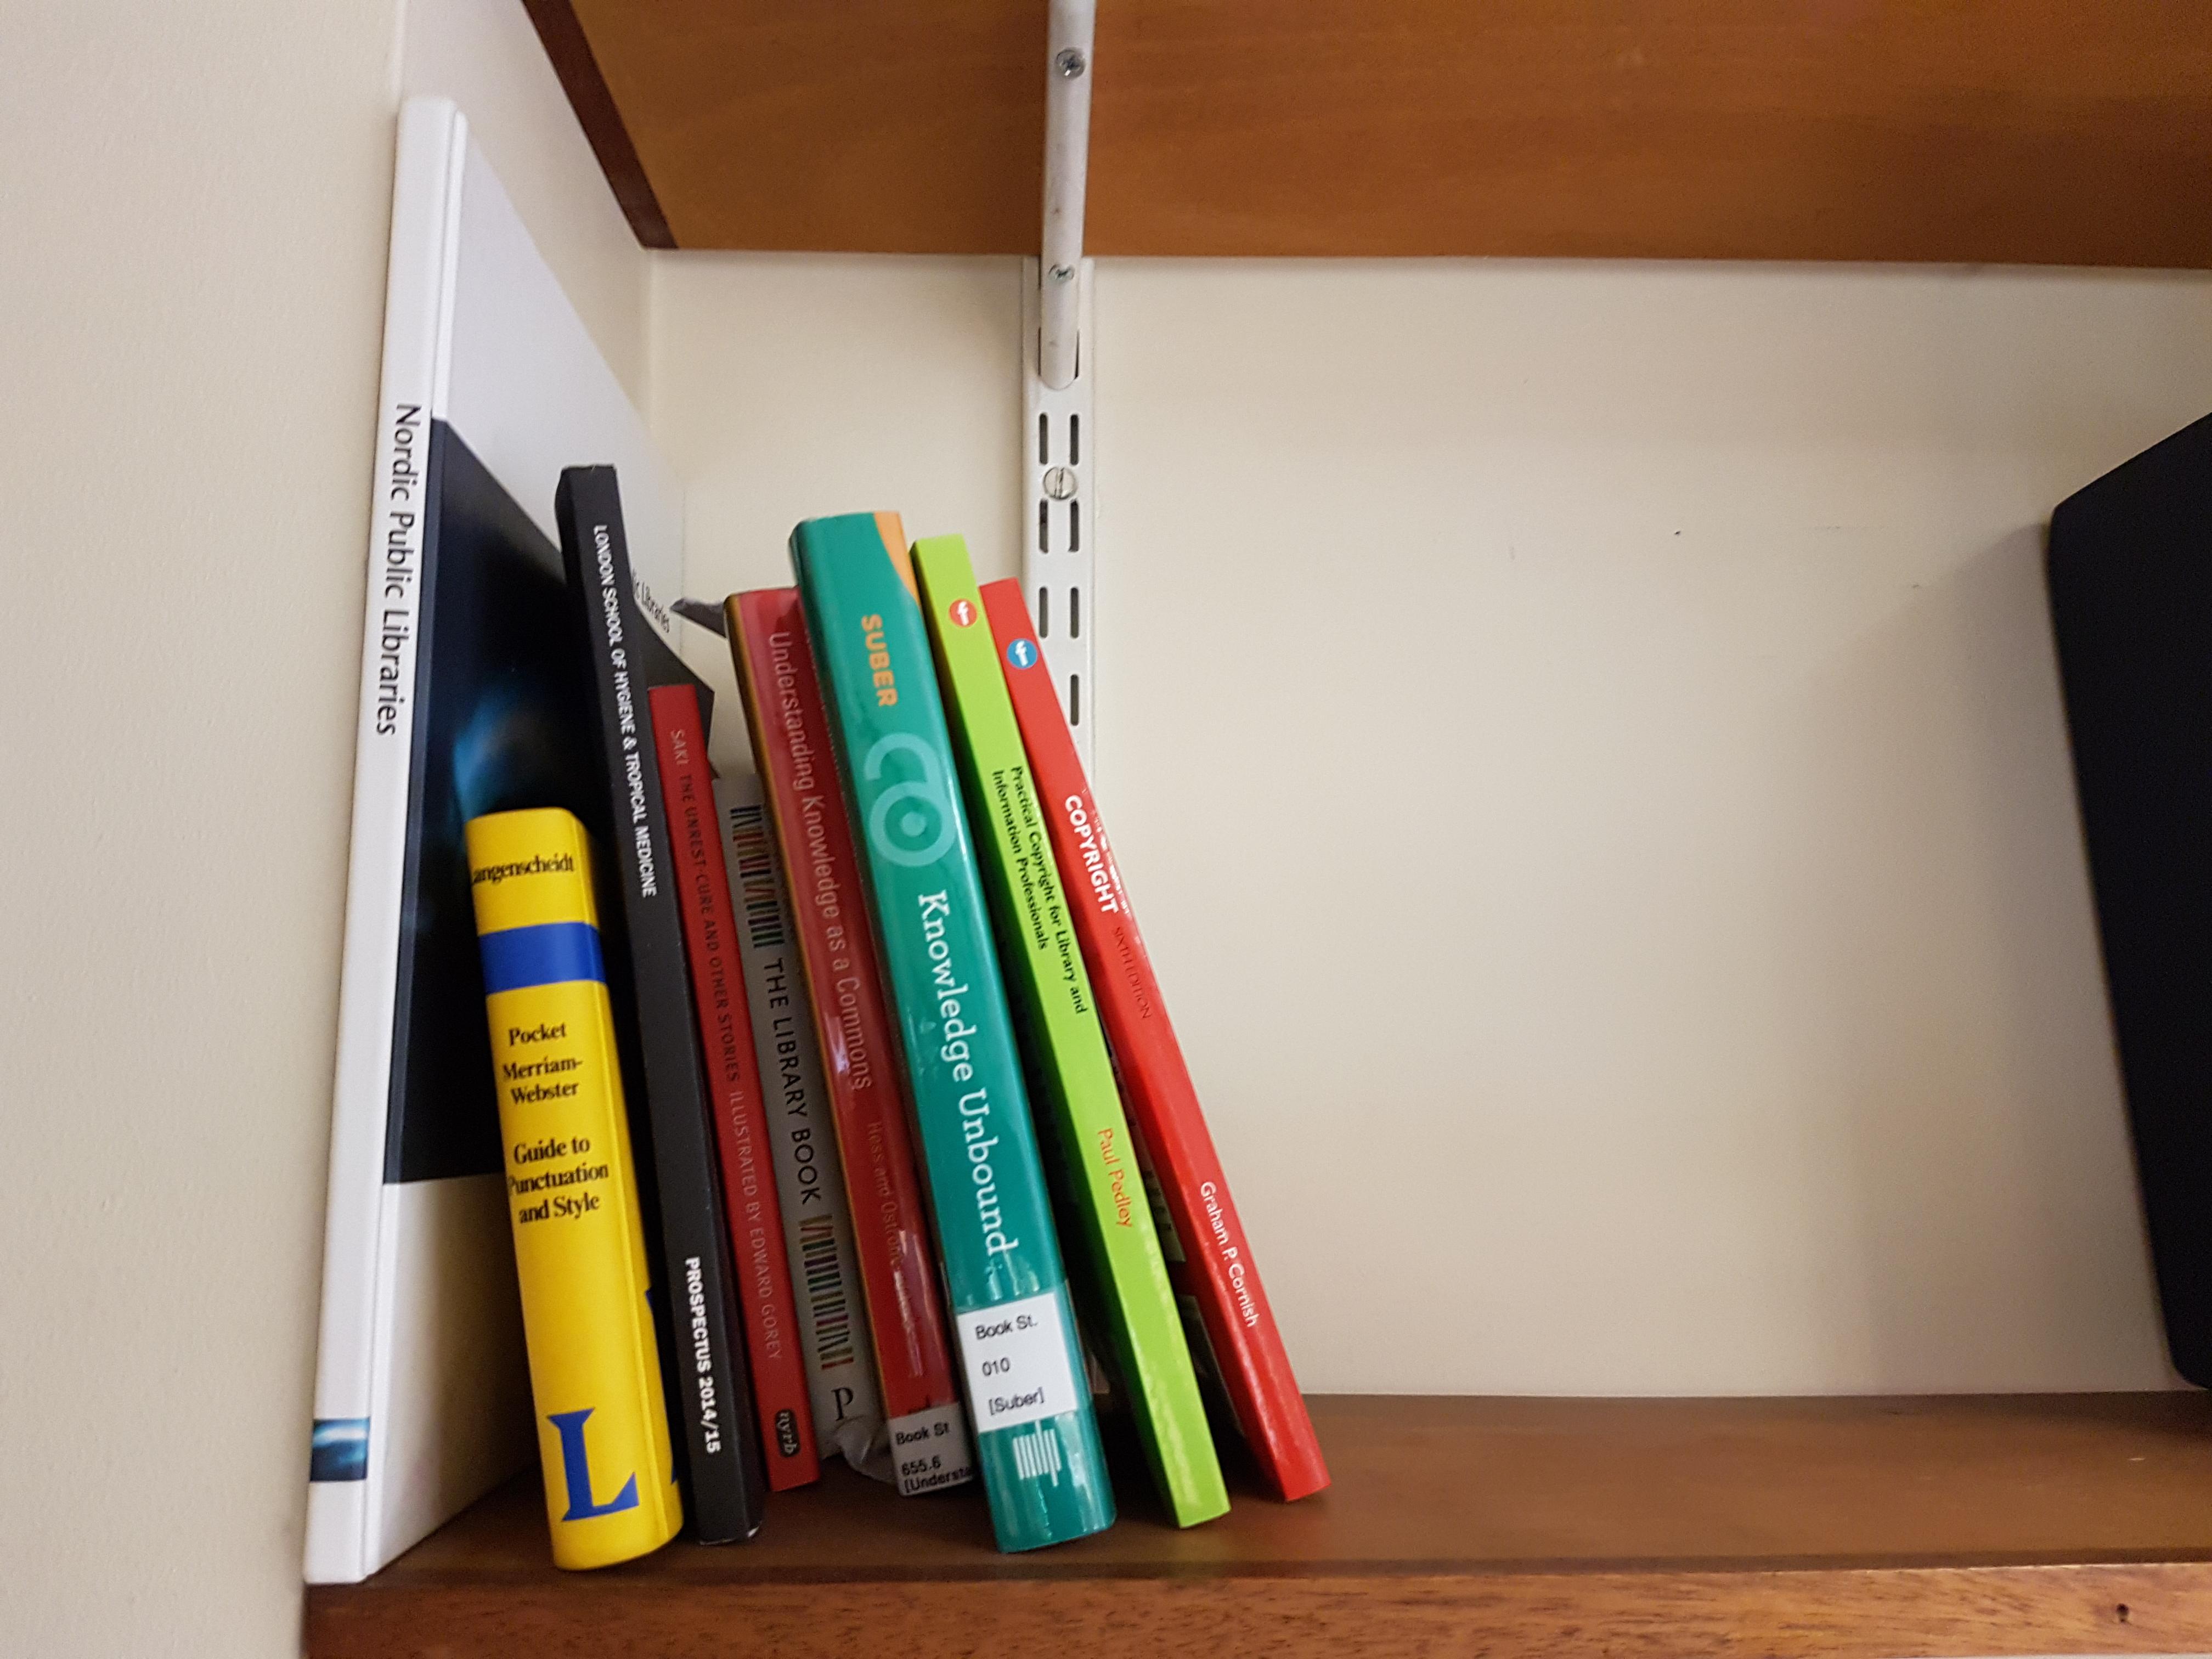 LSHTM Library bookshelf